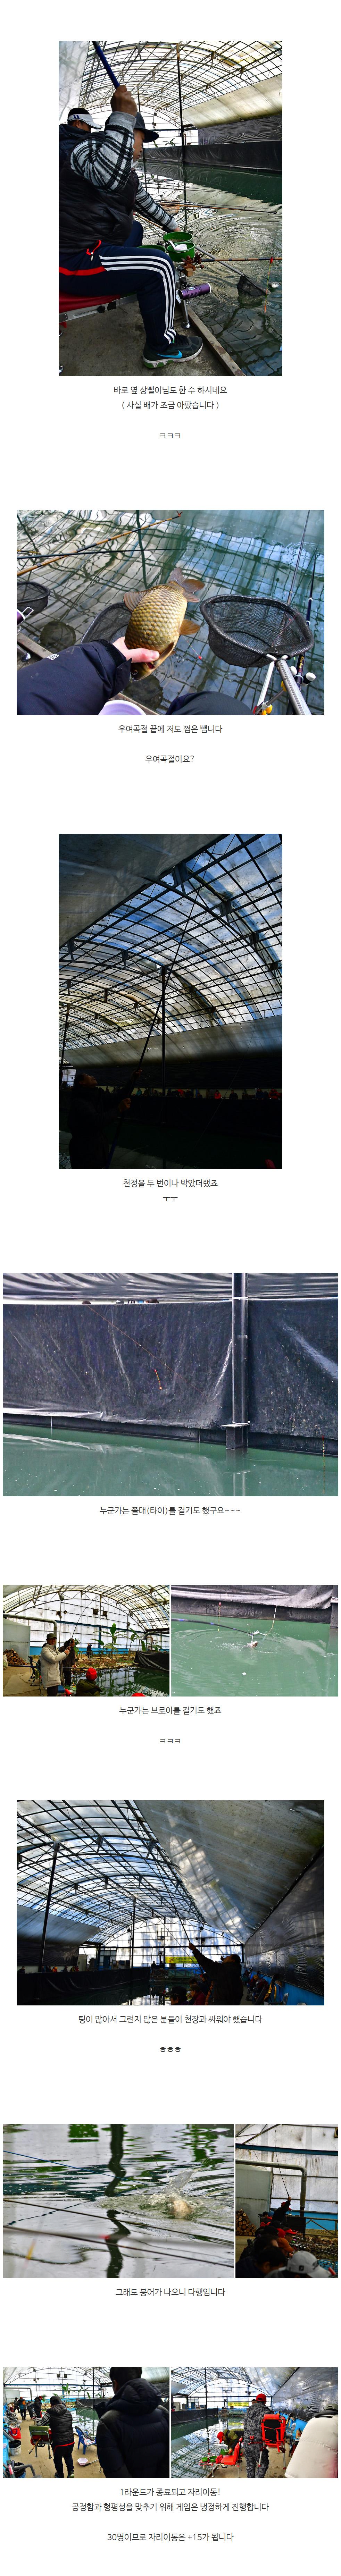 빼찌빵 - 서울지부 번출(왕골 하우스) 3.jpg